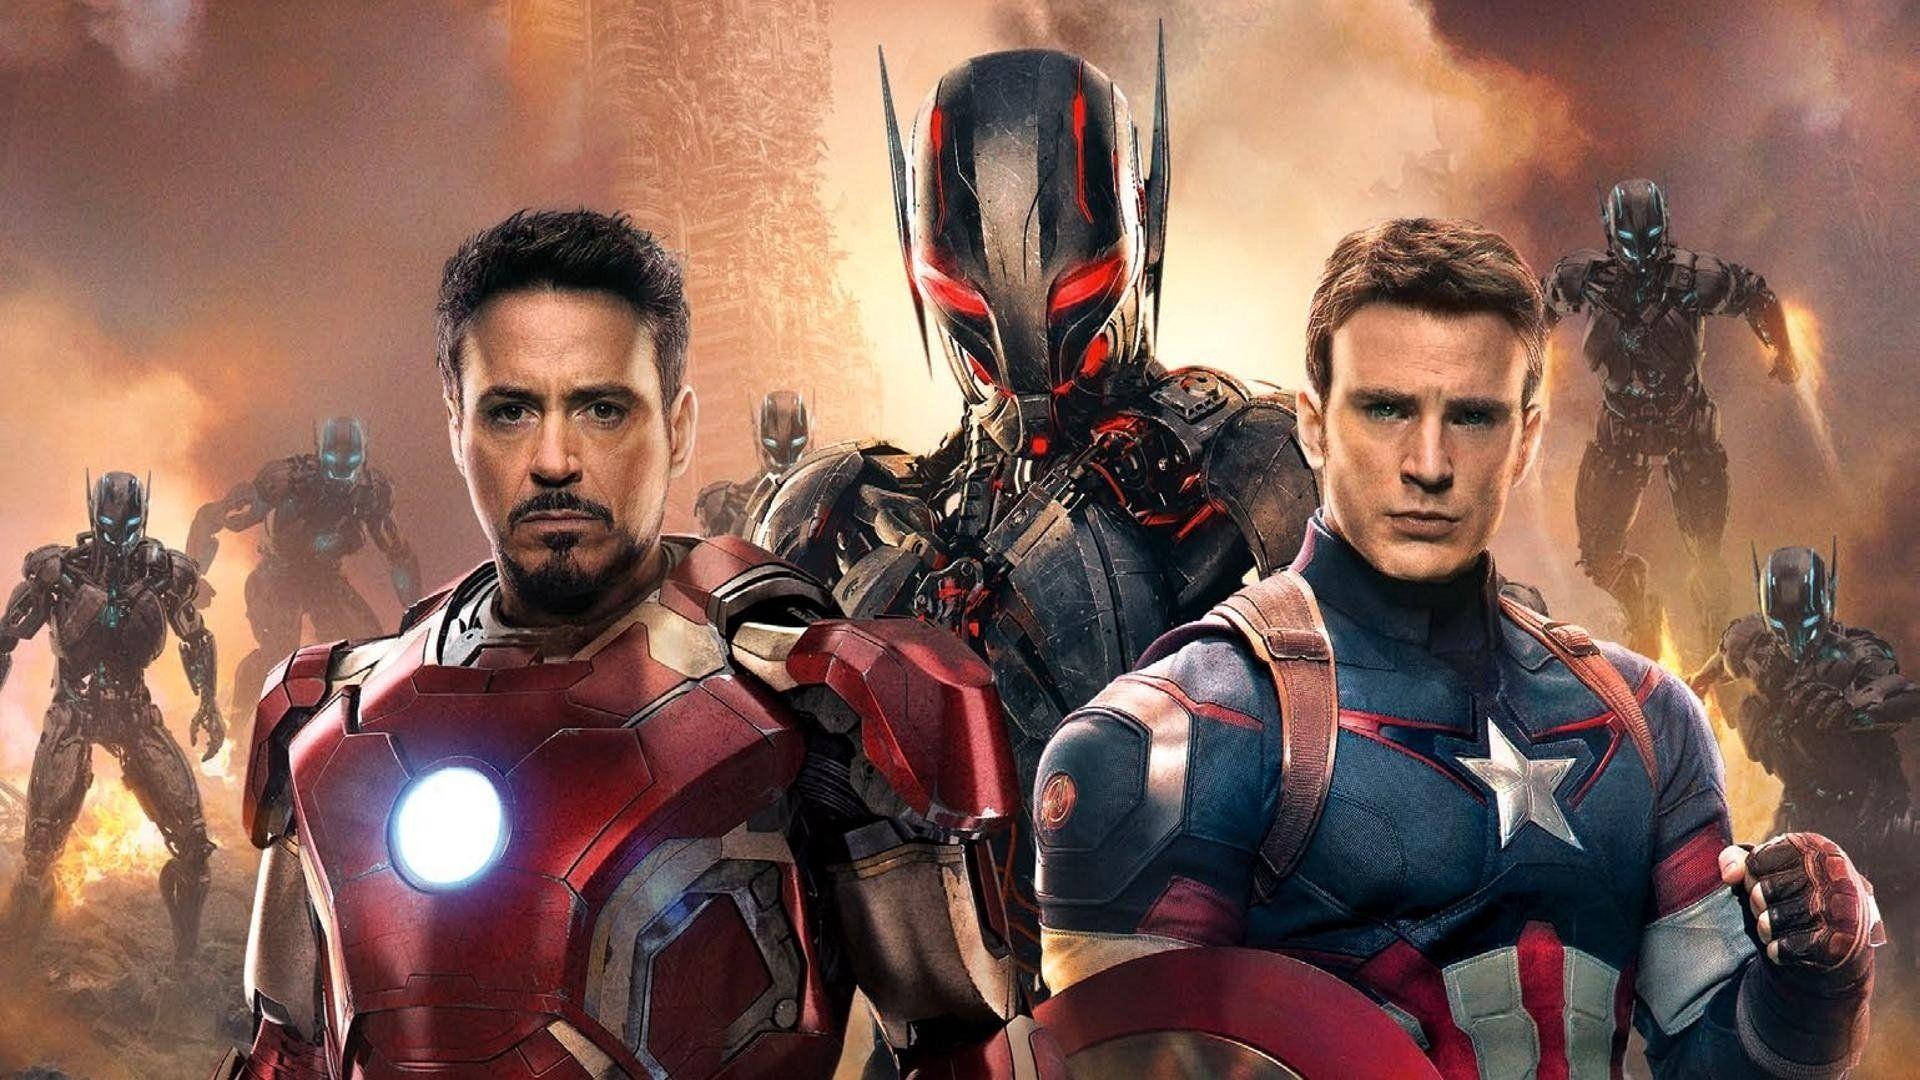 Avengers Endgame 2019 Film Complet Streaming Vf Avengers Film Della Marvel The Avengers